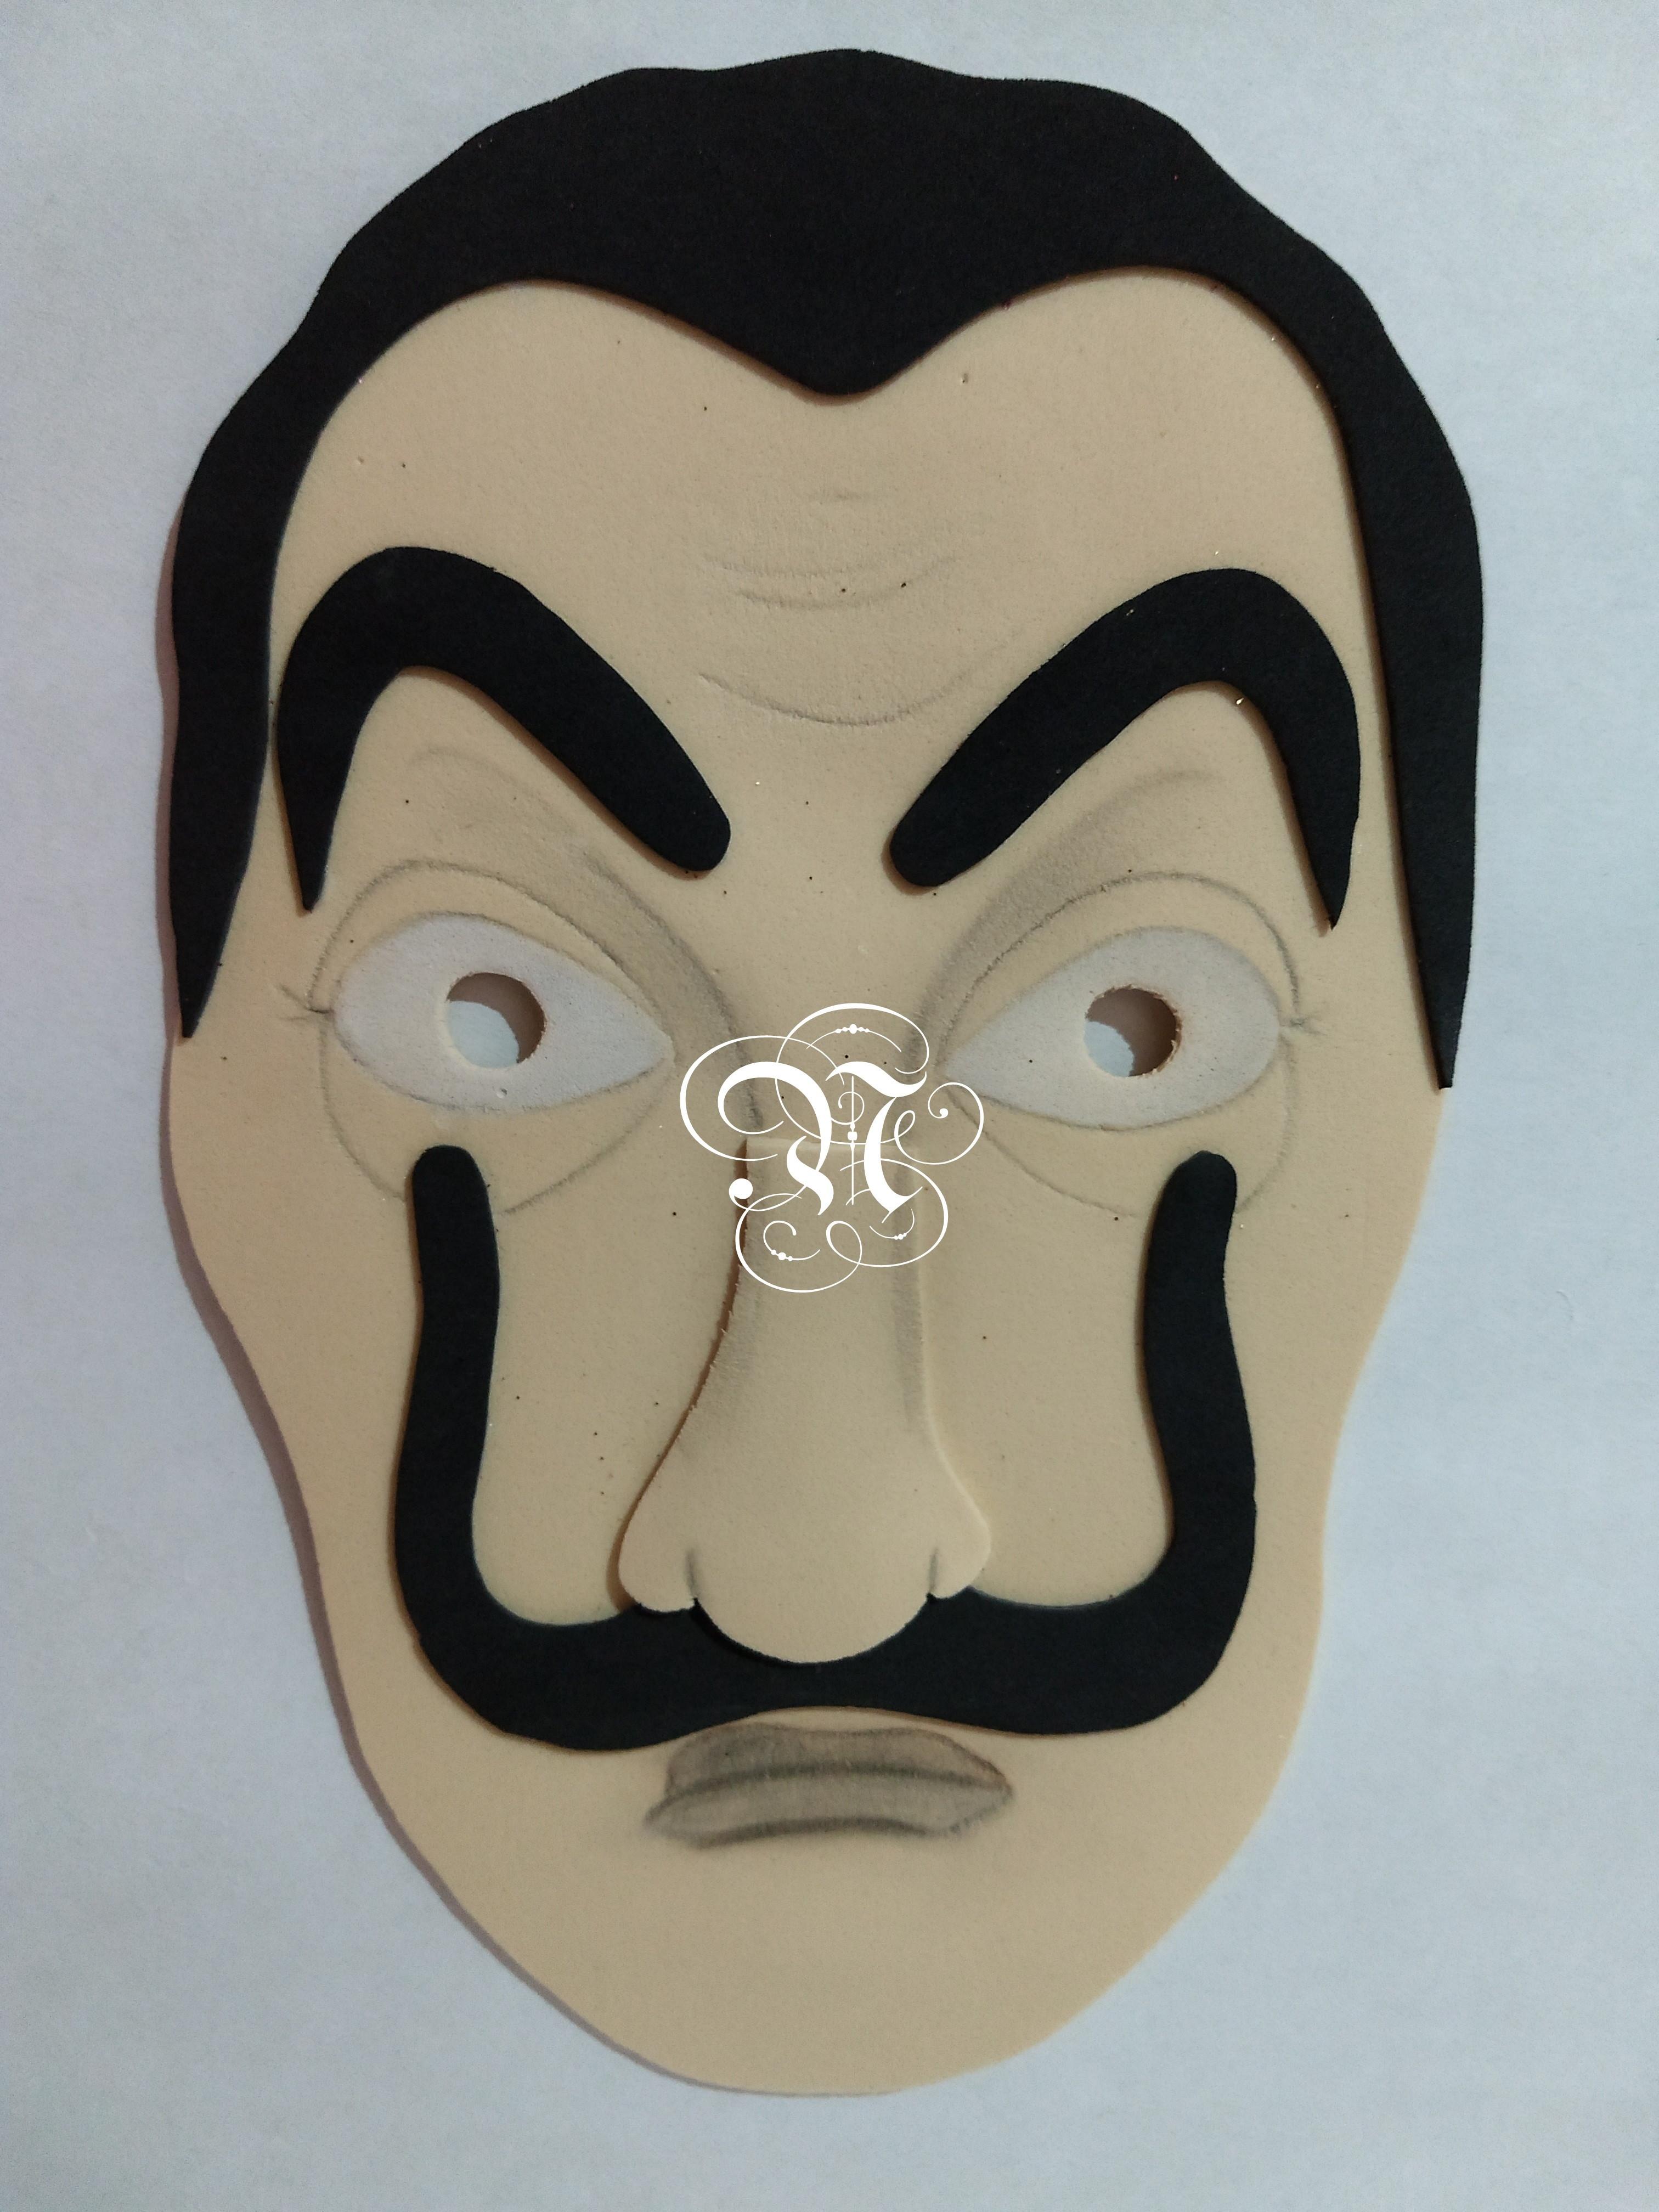 Mascara La Casa De Papel No Elo7 Ninnharts Dd47e5